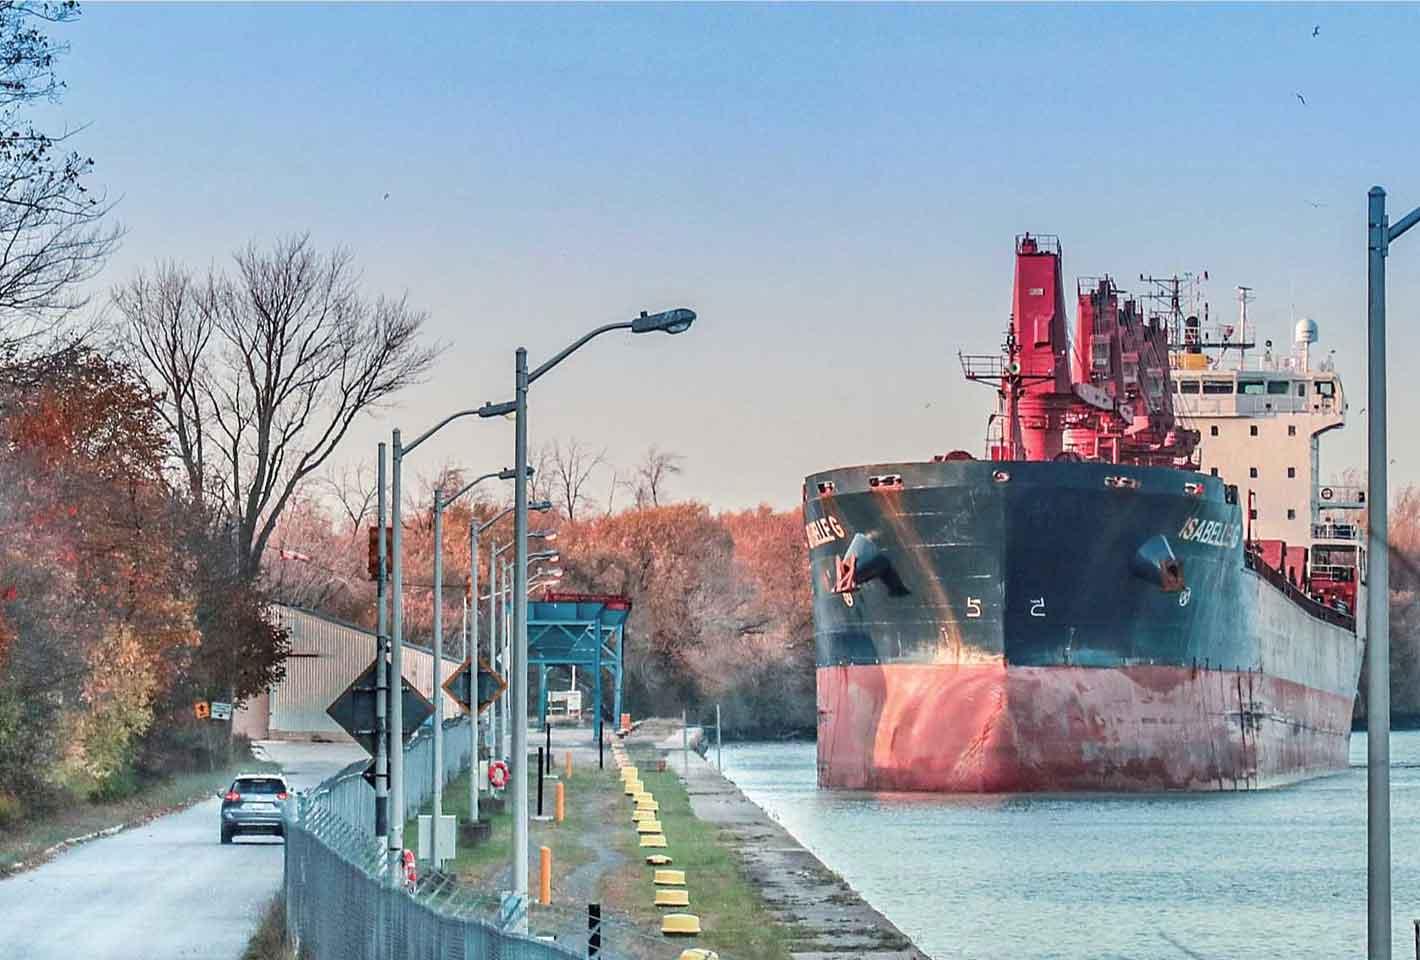 オンタリオ湖から第1ロックに入る準備をする船